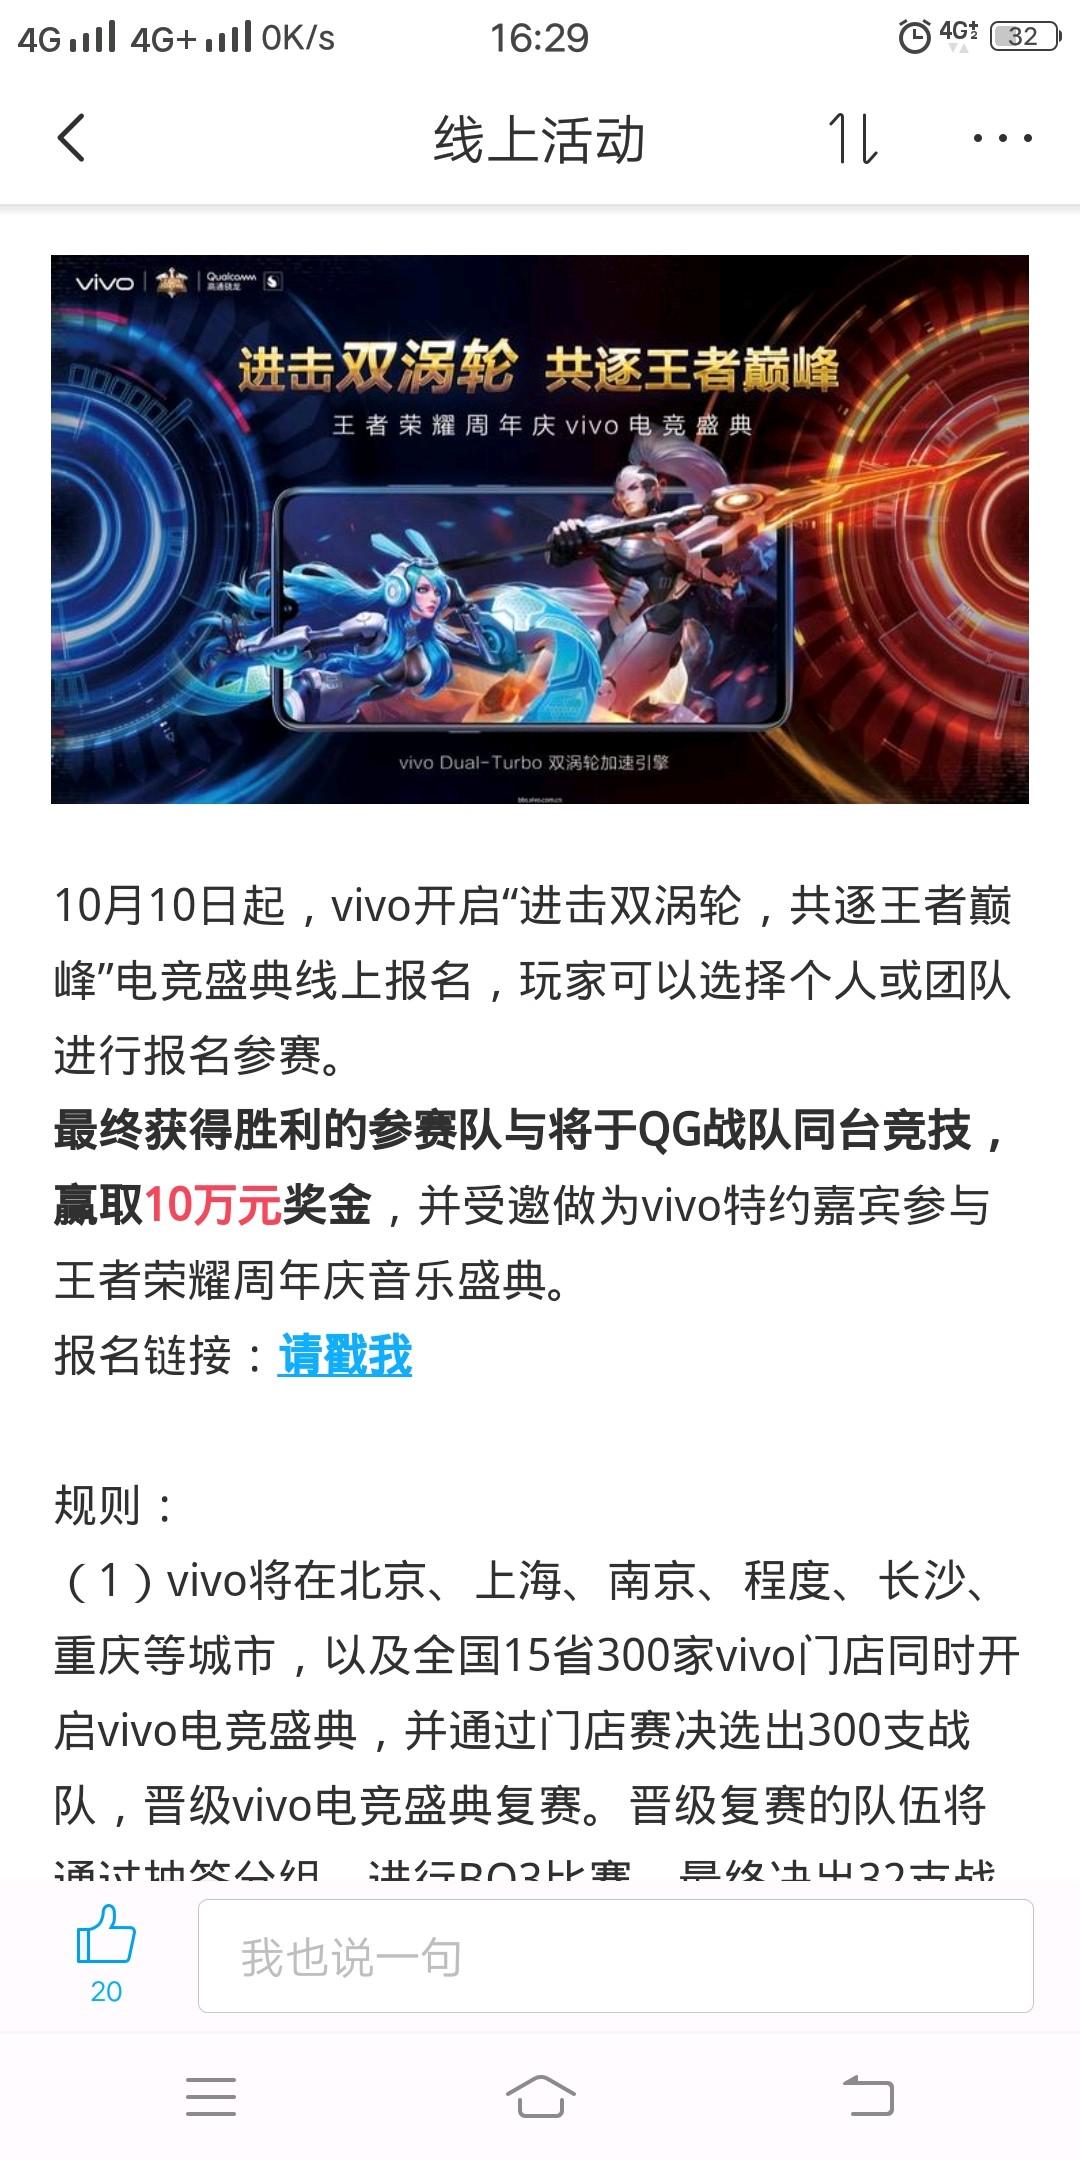 Screenshot_20181010_162932.jpg